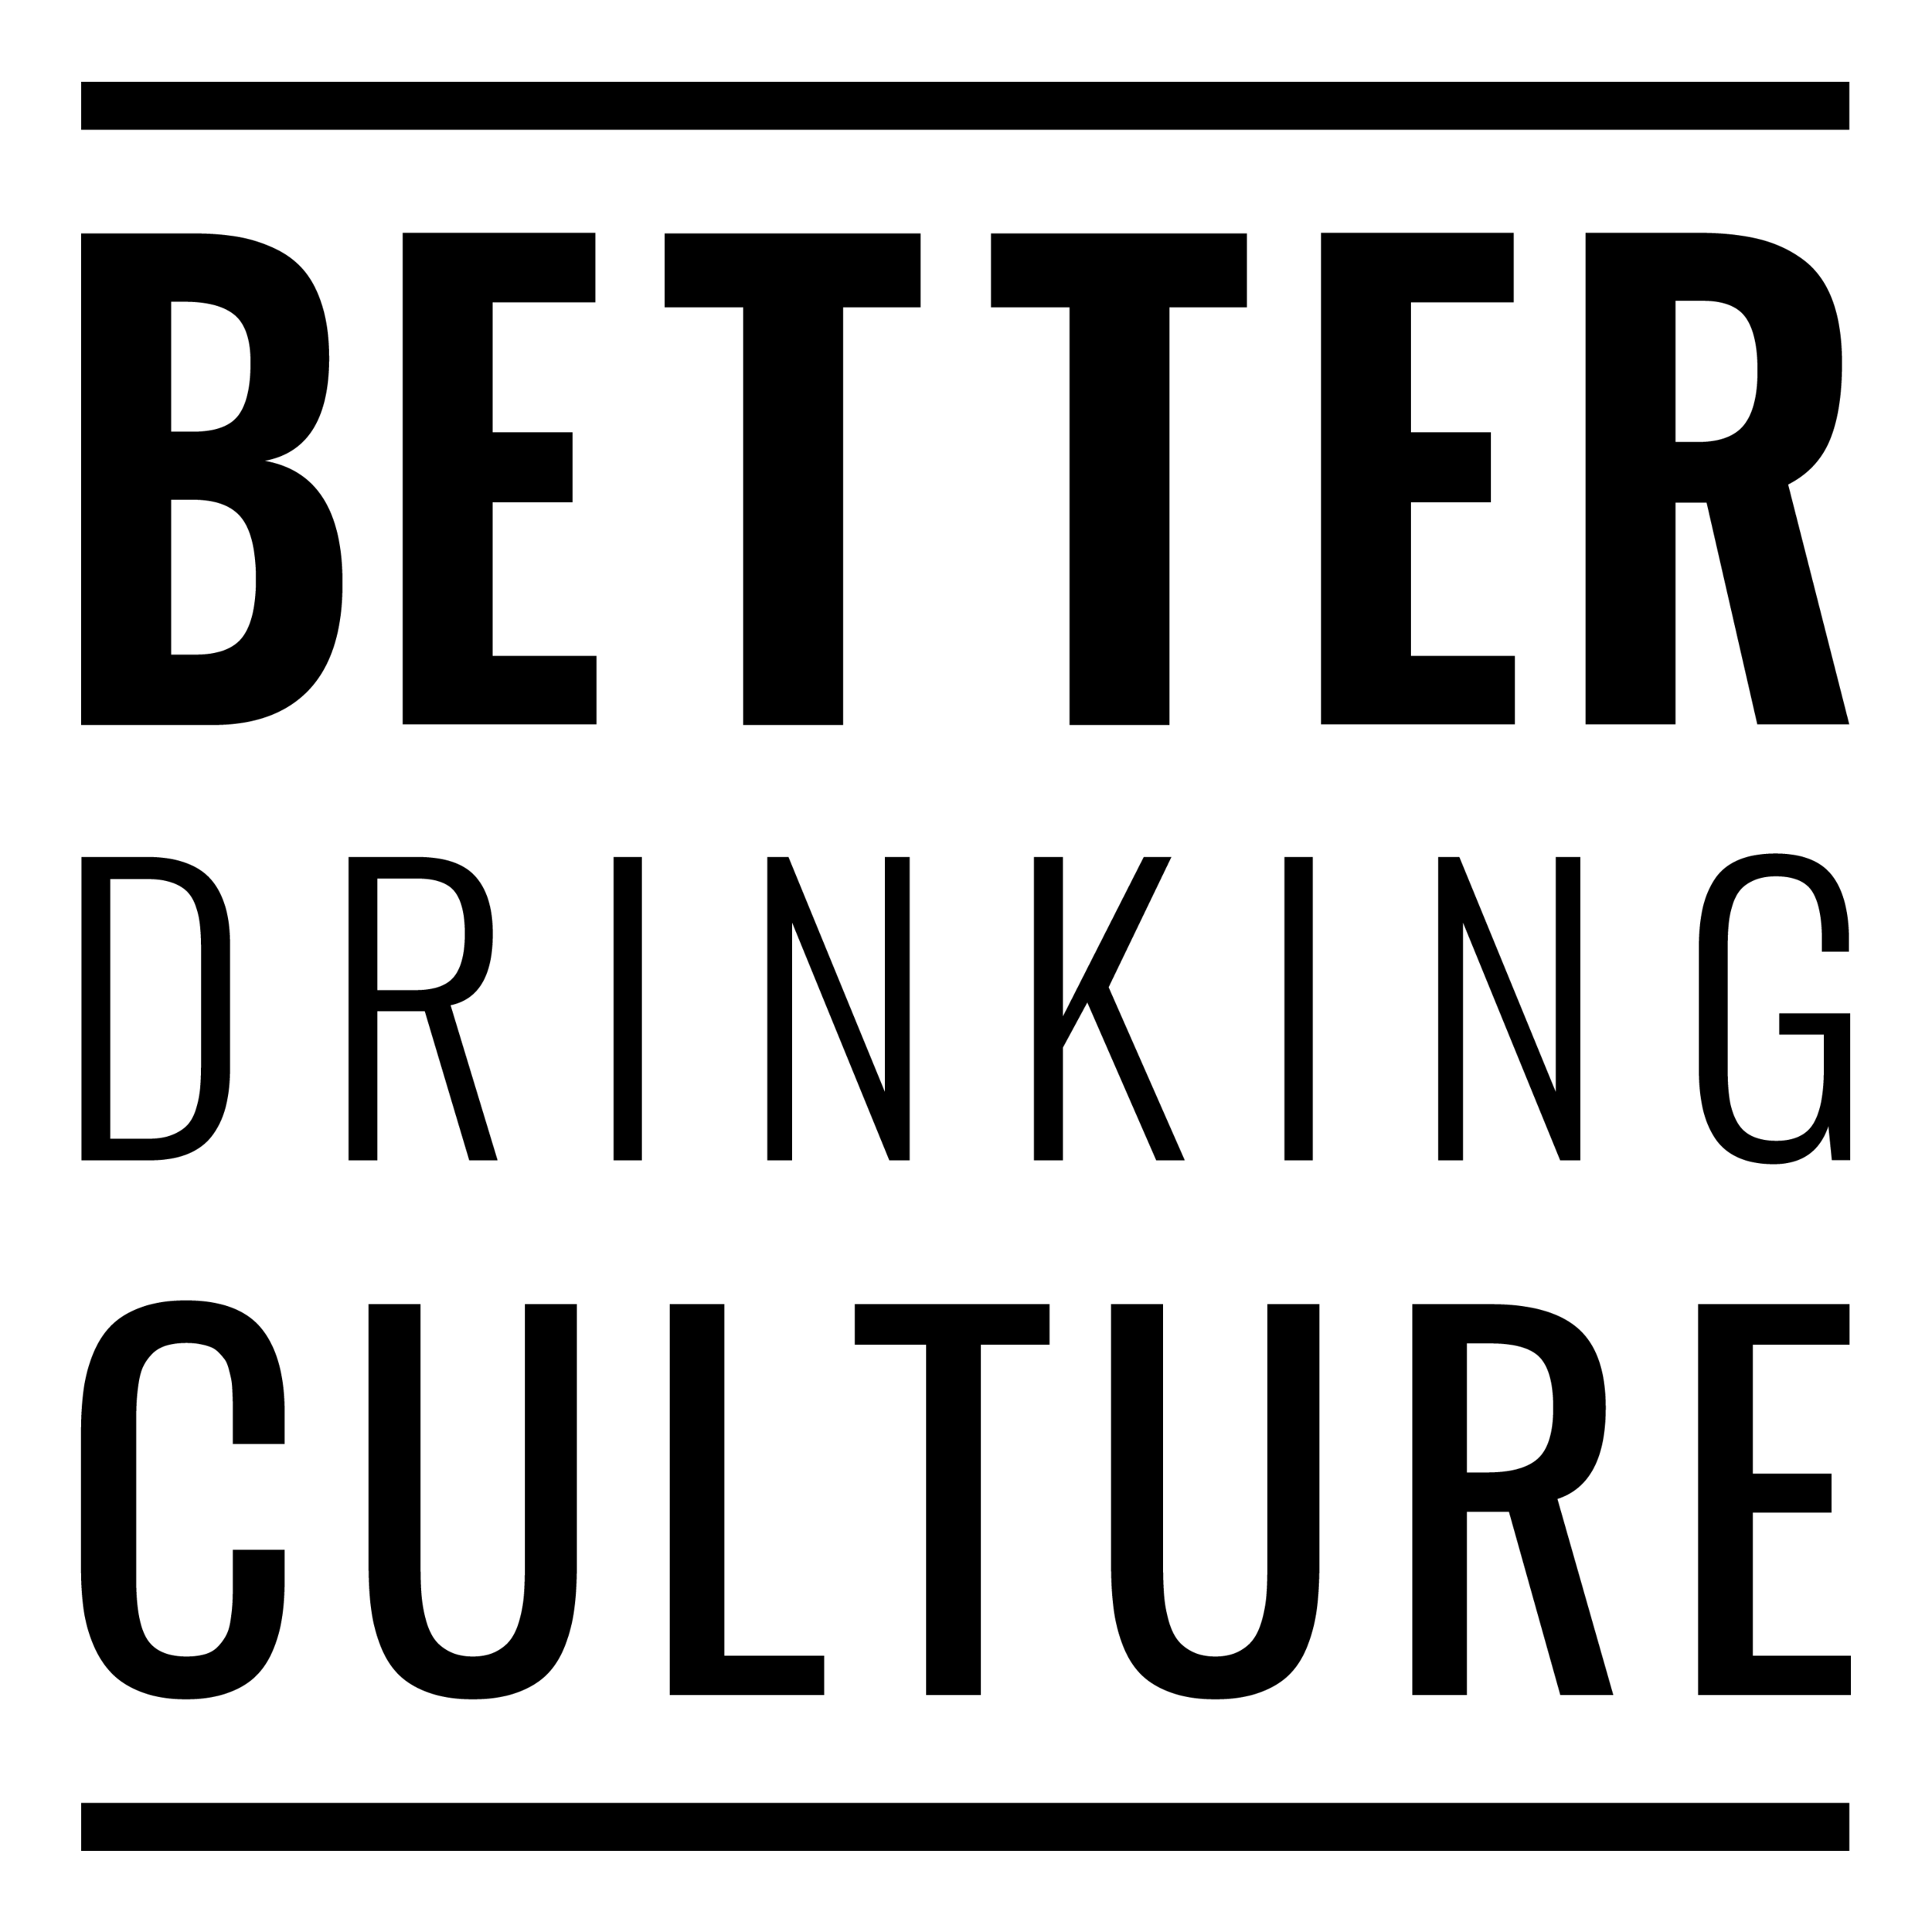 BDC_logo_black on transparent.png